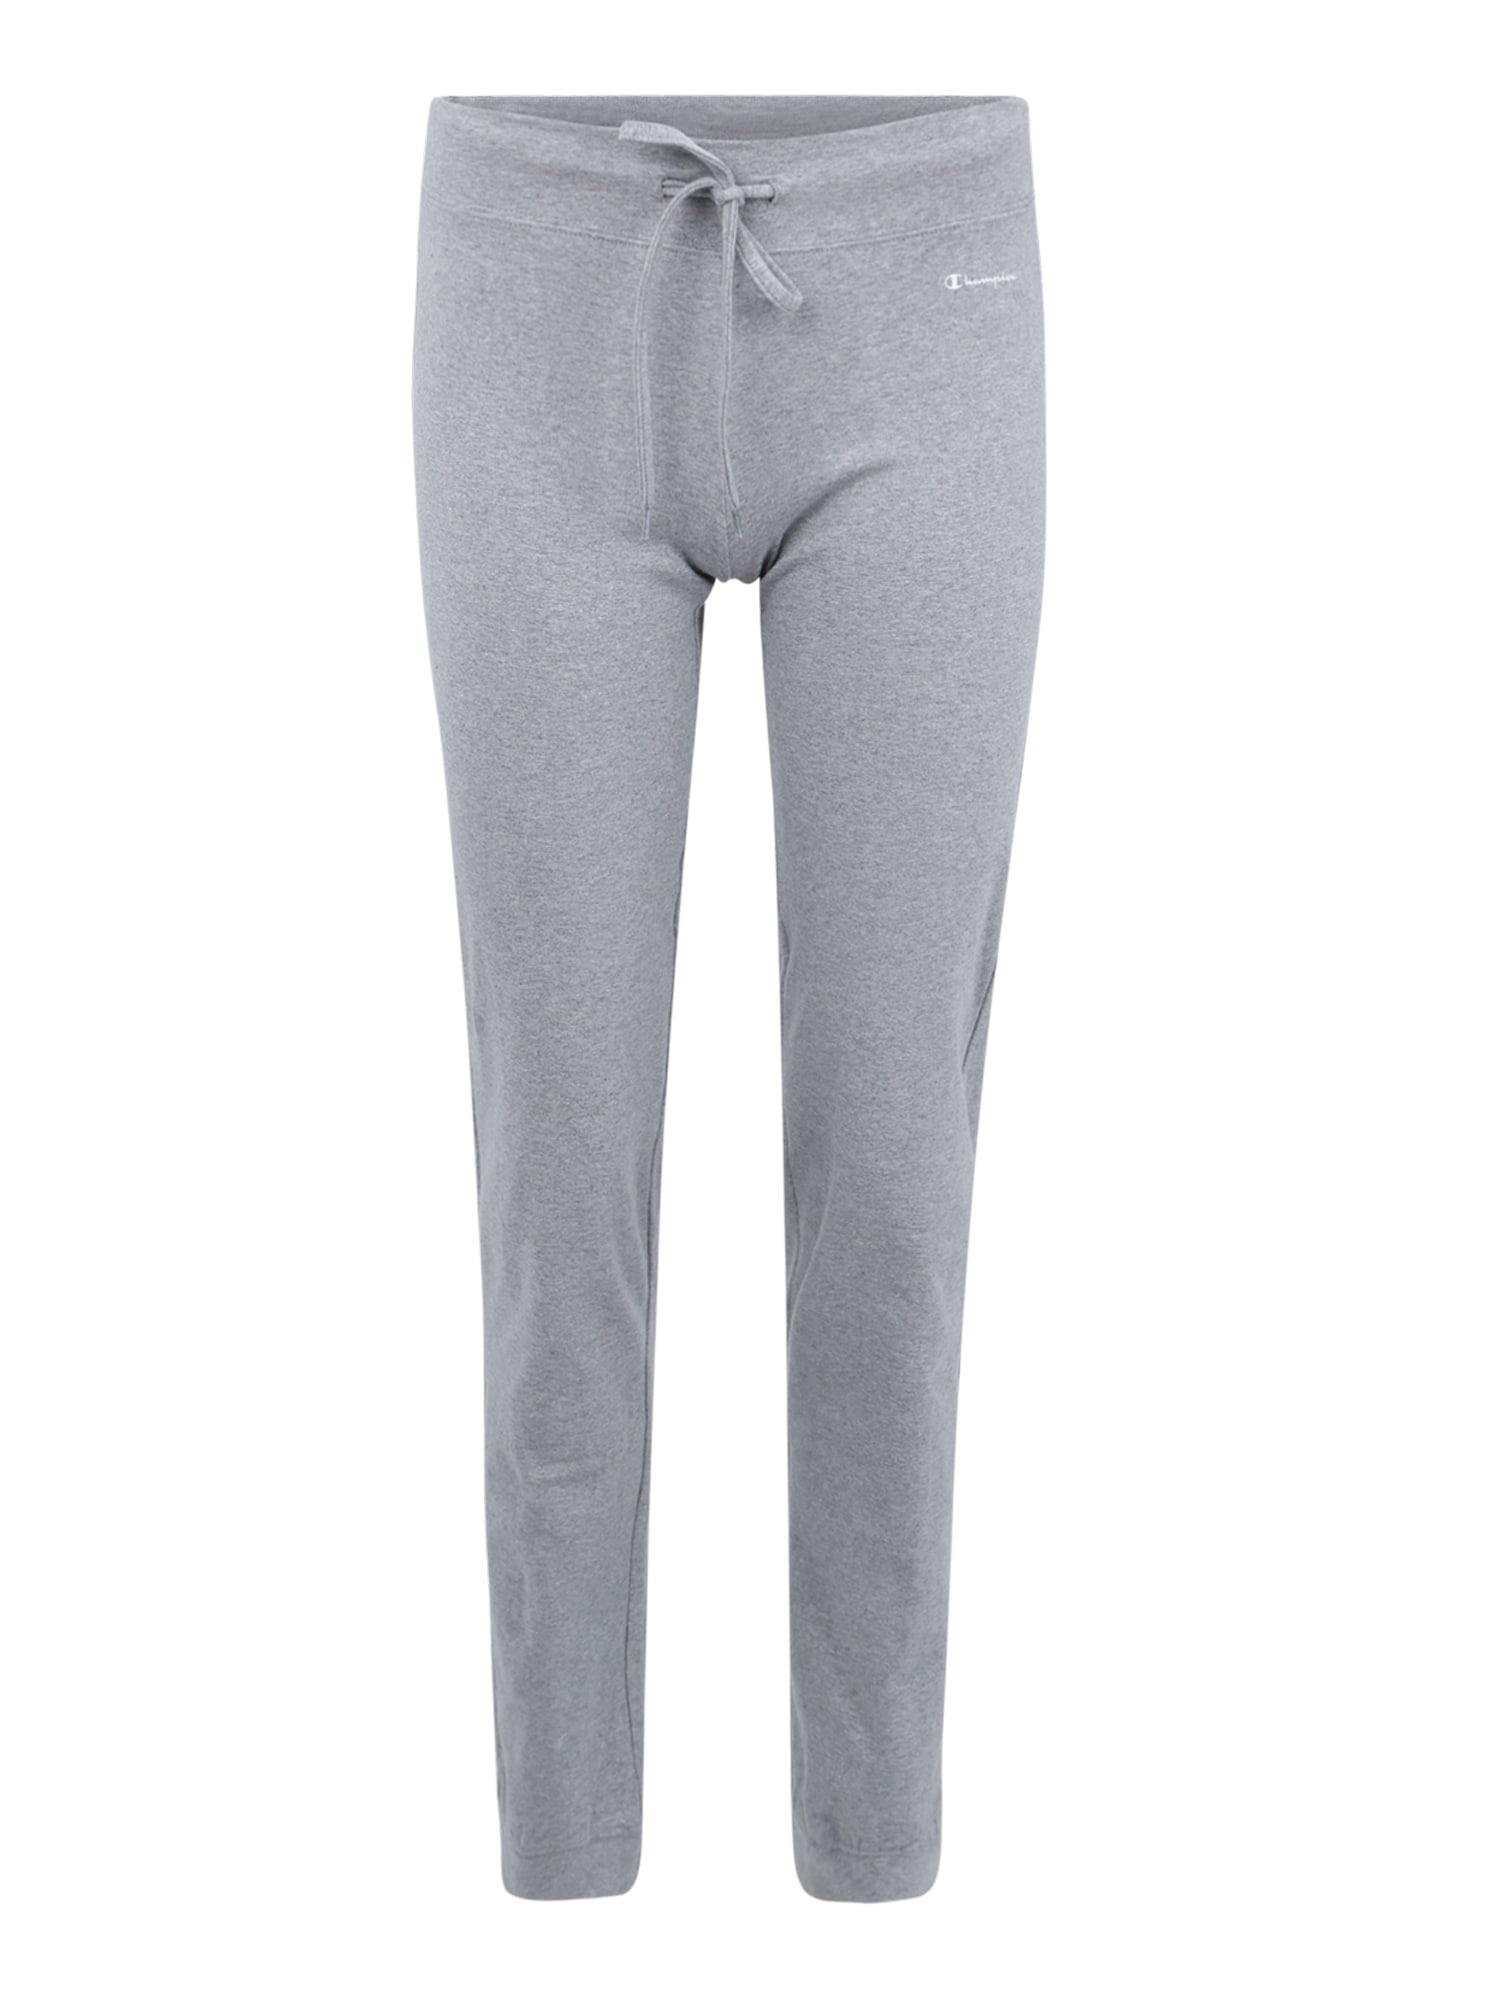 Sportovní kalhoty Cuffed šedá Champion Authentic Athletic Apparel